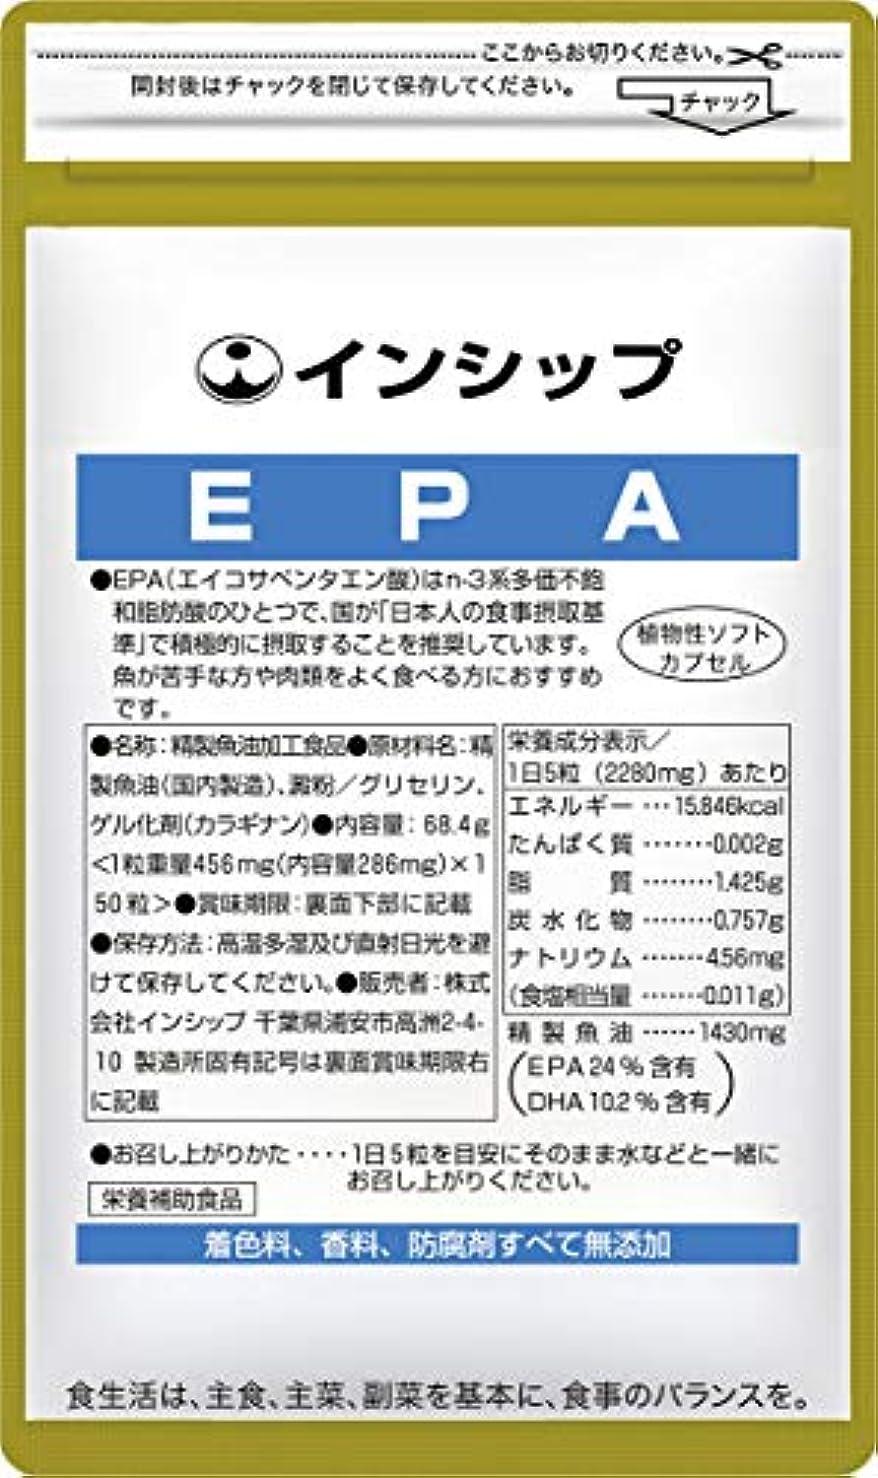 ランタン露ウィンクインシップ EPA(エイコサペンタエン酸) 440mg×150粒 30日分